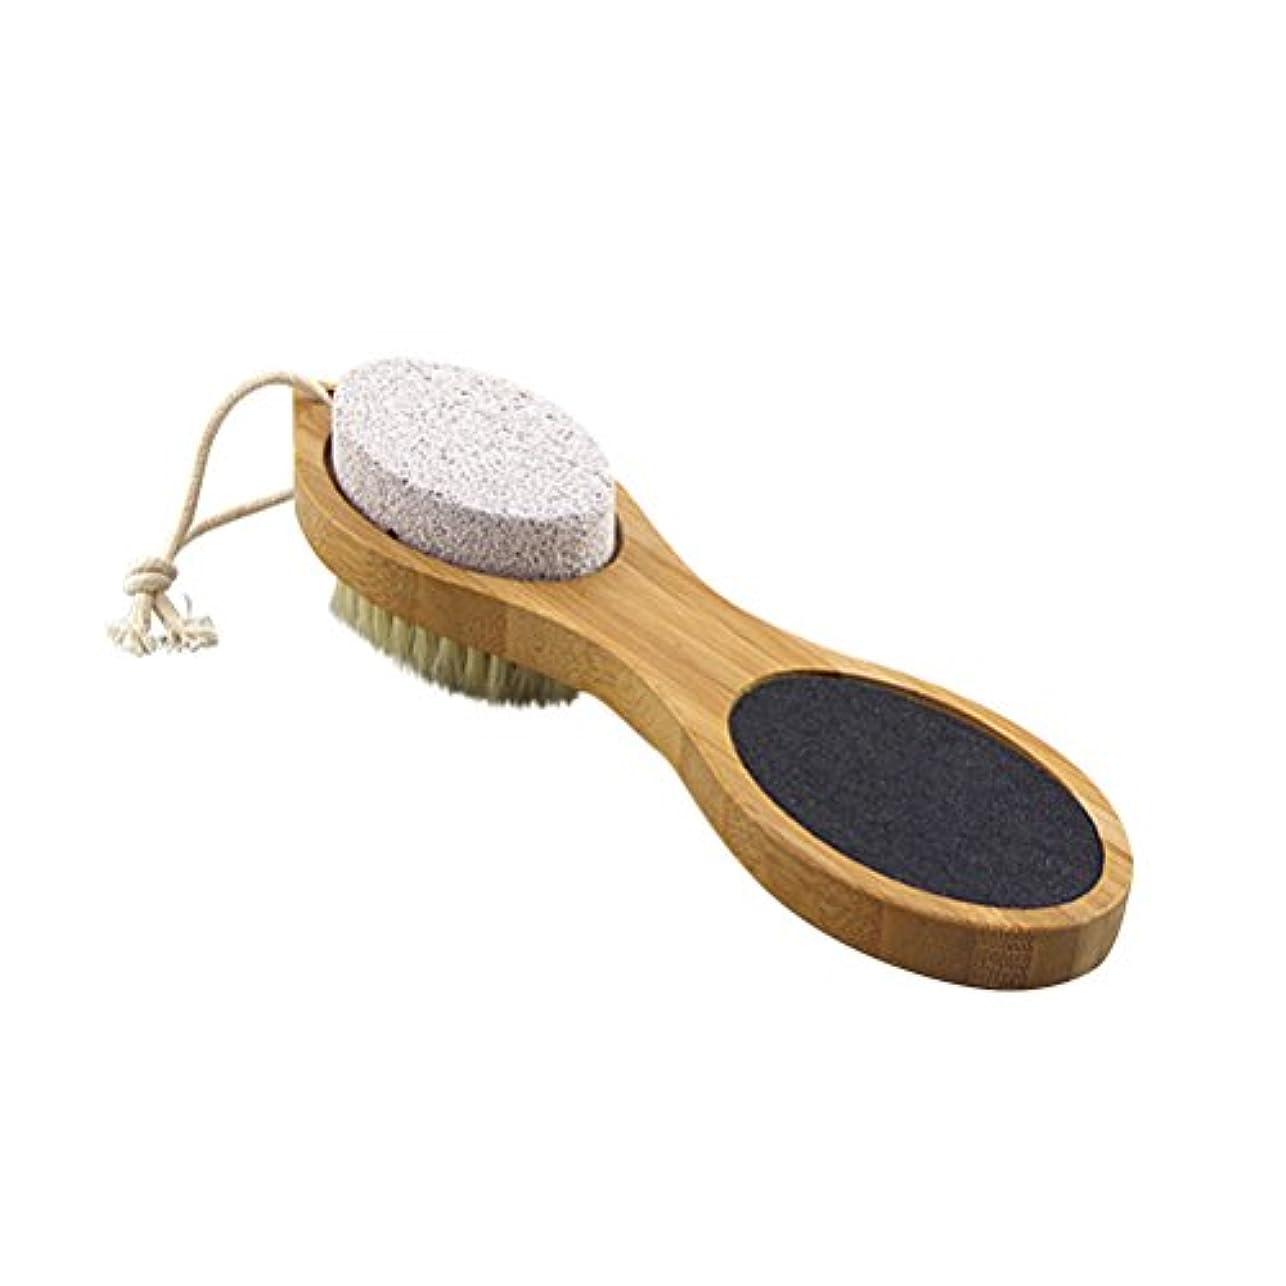 潜在的なつぶす私たちULTNICE 足ブラシ 角質除去 毛ブラシ?砂ブラシ?軽石ブラシ?鋼ブラシ ボディブラシ フットマッサージ